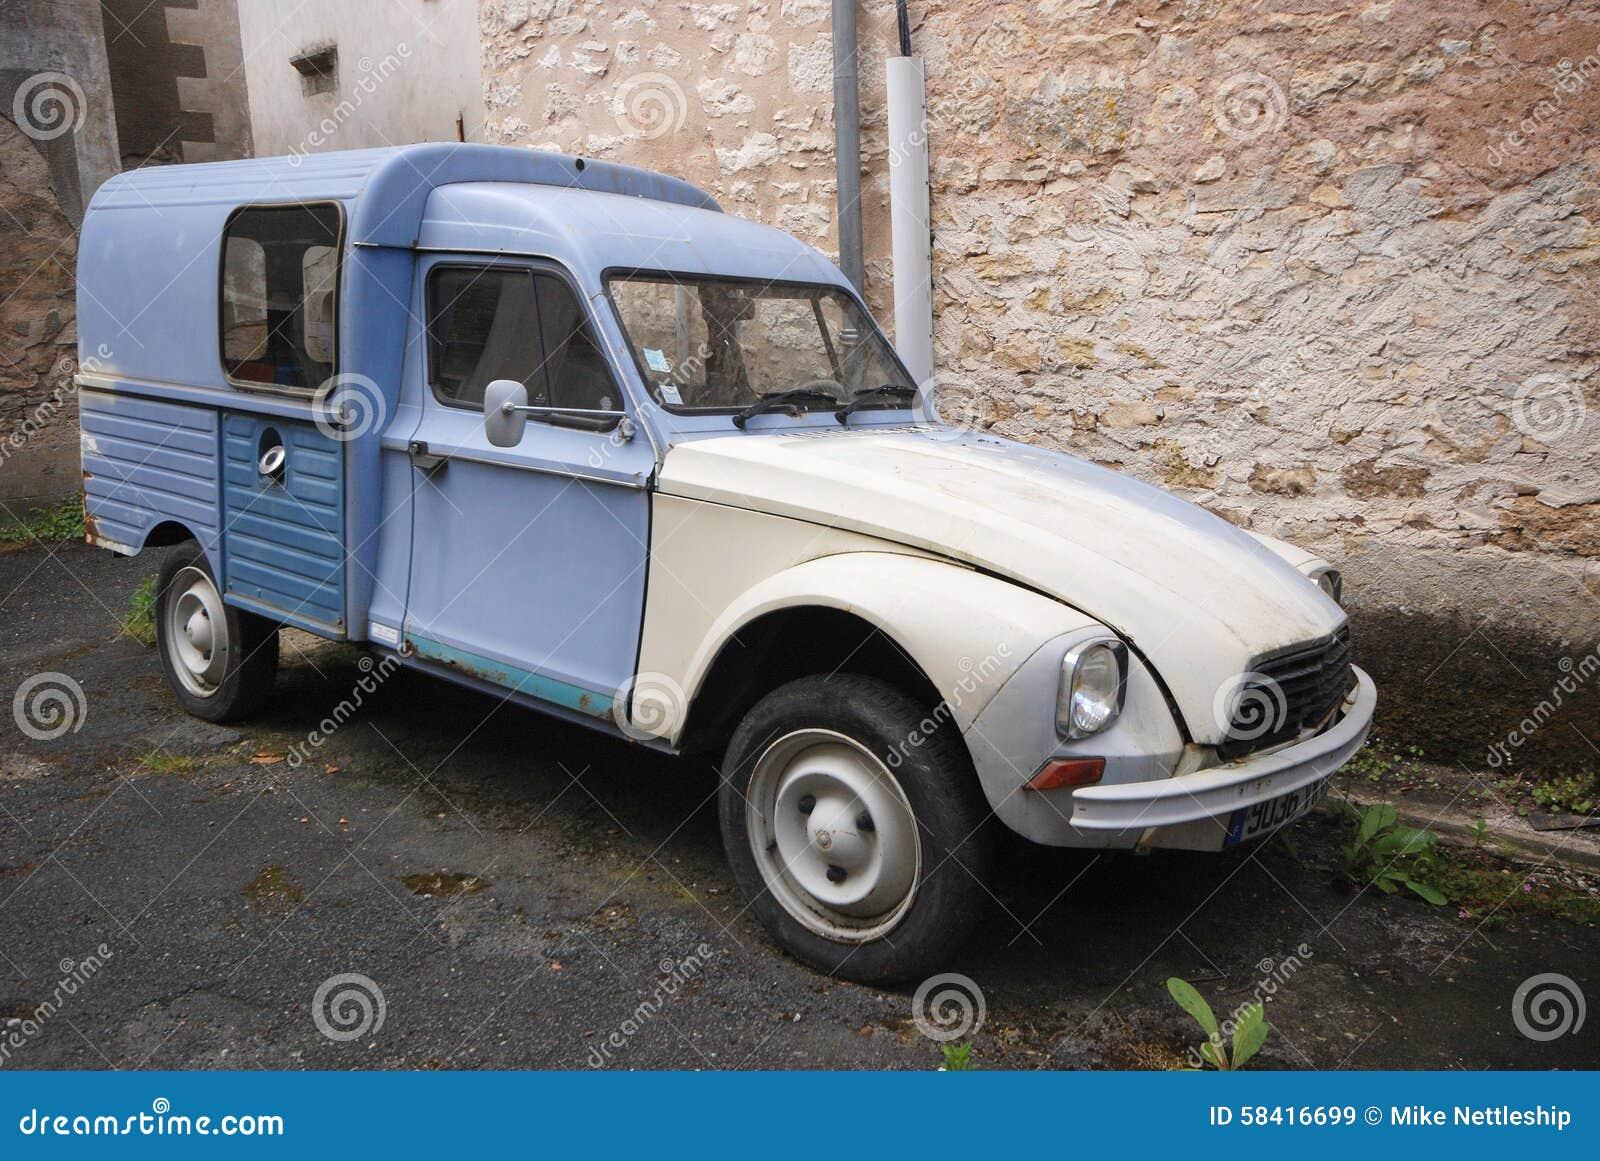 une vieille voiture de citroen image stock image du fourgon bleu 58416699. Black Bedroom Furniture Sets. Home Design Ideas